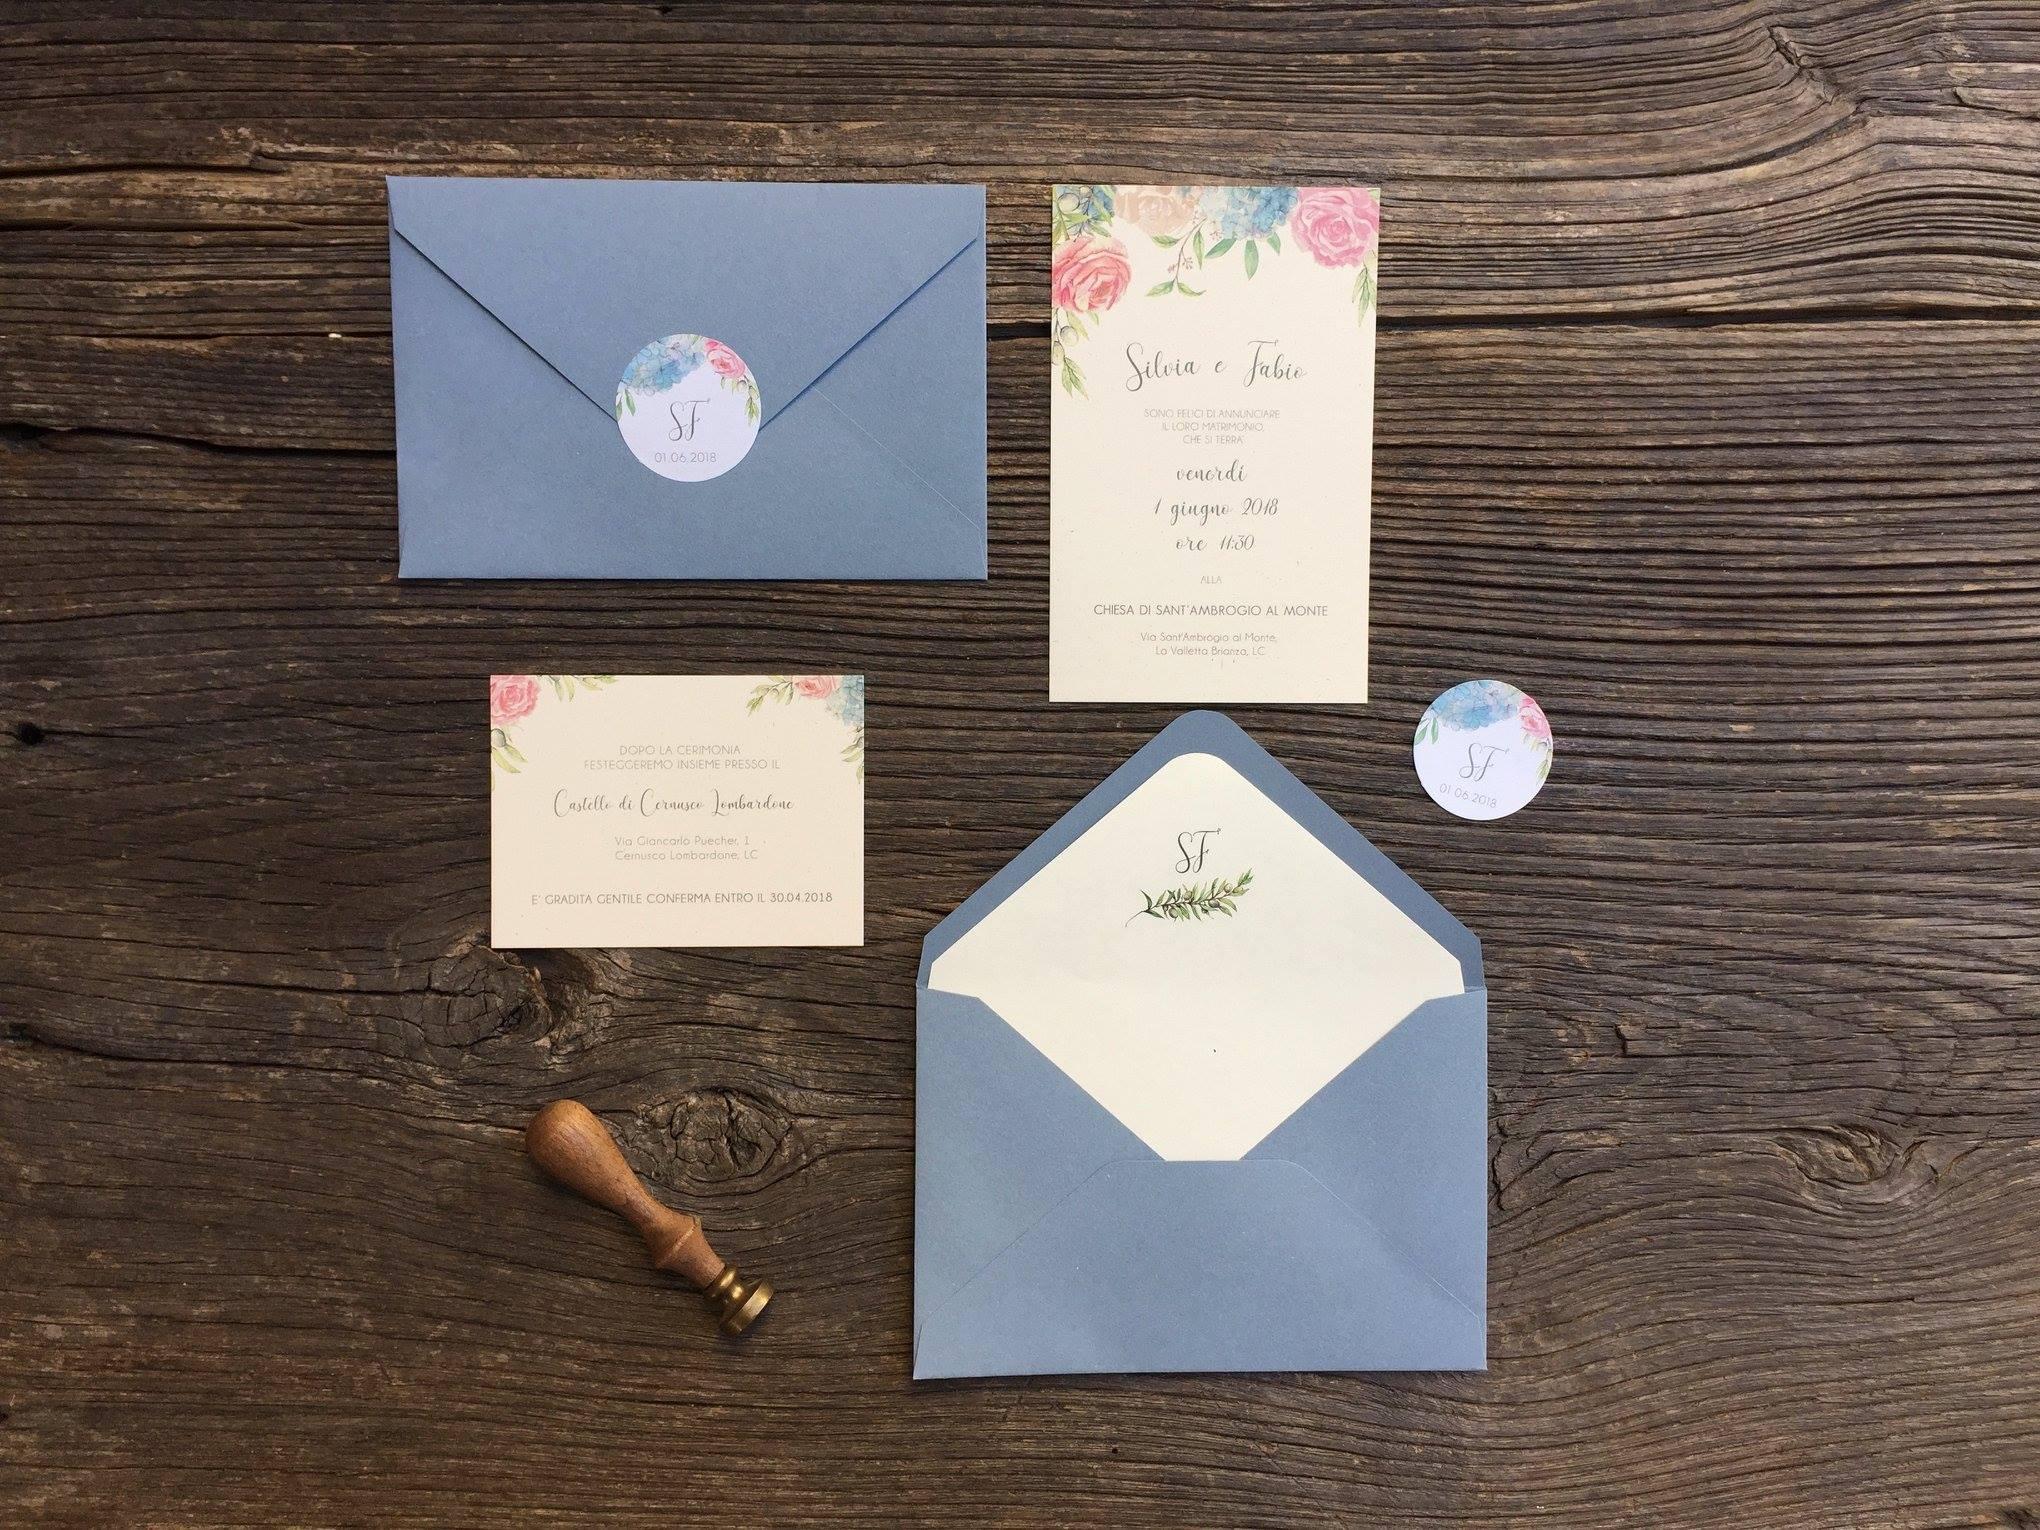 Matrimonio Azzurro Ortensia : Matrimonio ecologico l azzurro dell ortensia ci ispirerà fairy